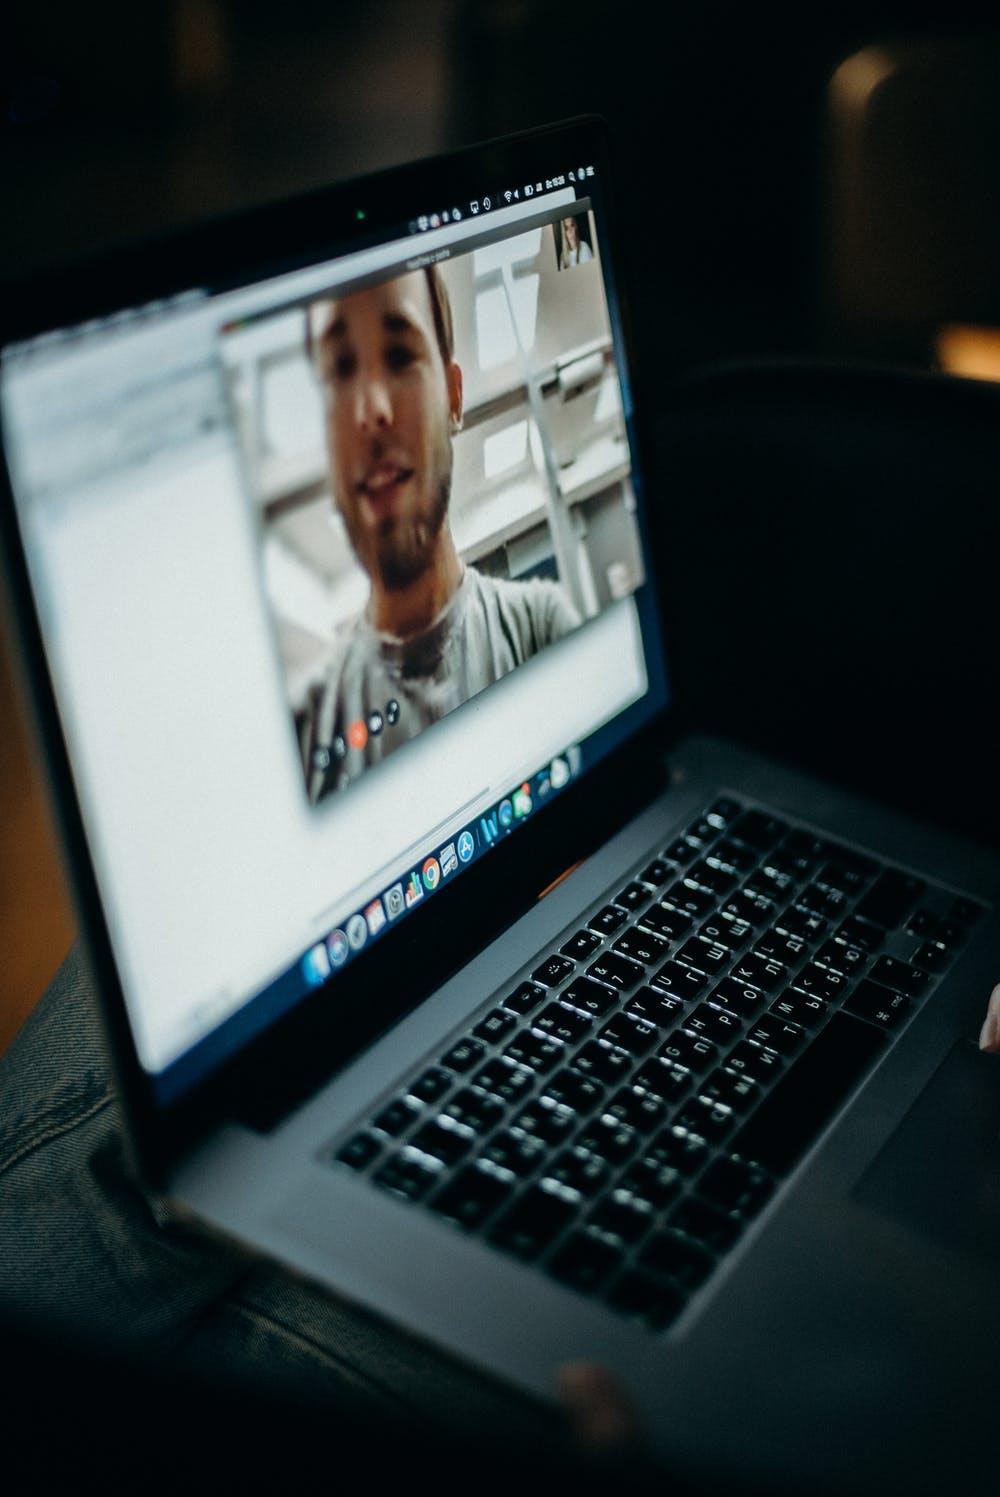 Afbeelding met laptop, binnen, zitten, computer  Automatisch gegenereerde beschrijving